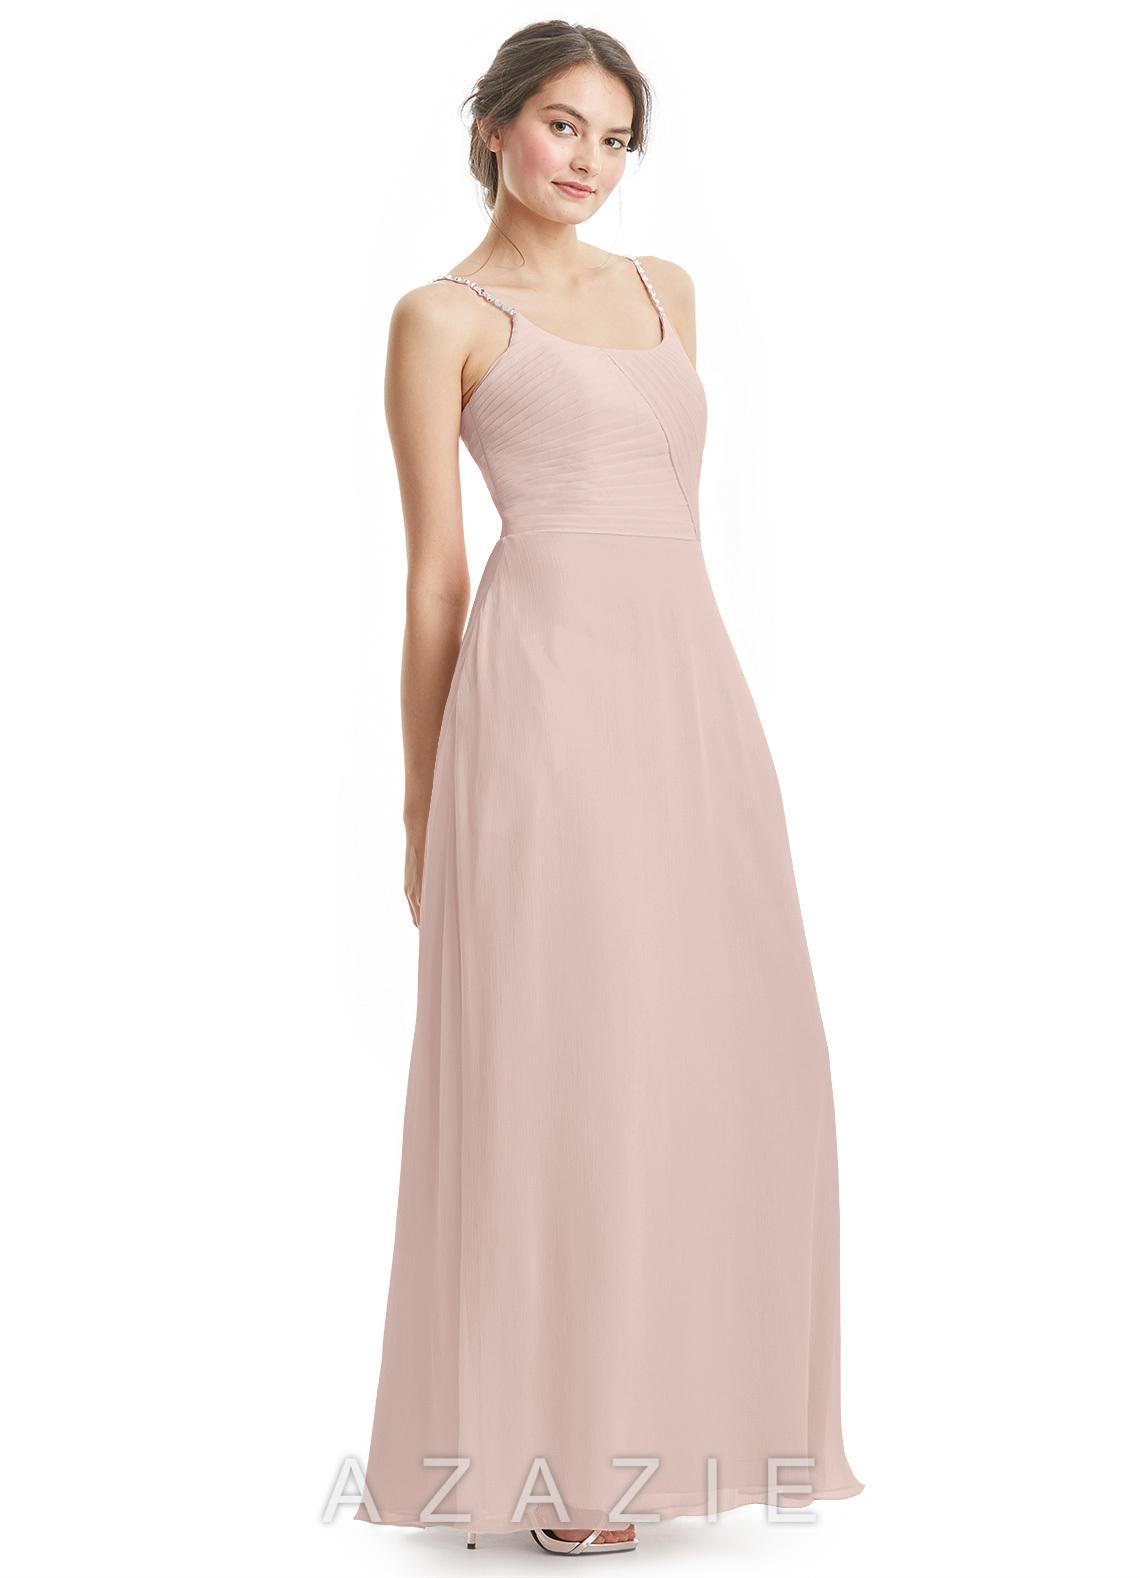 596c75c728c Azazie Bridesmaid Dresses For Sale - raveitsafe